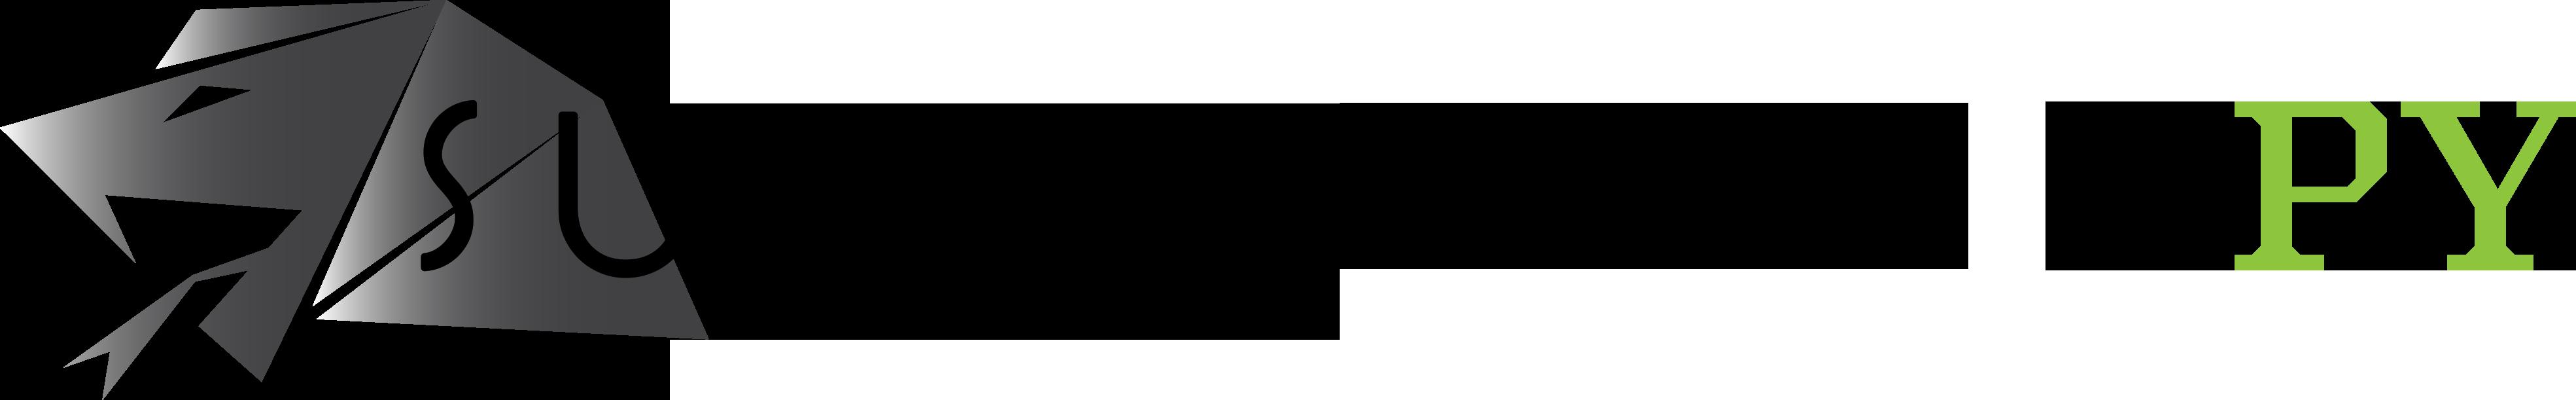 Supplychainpy logo